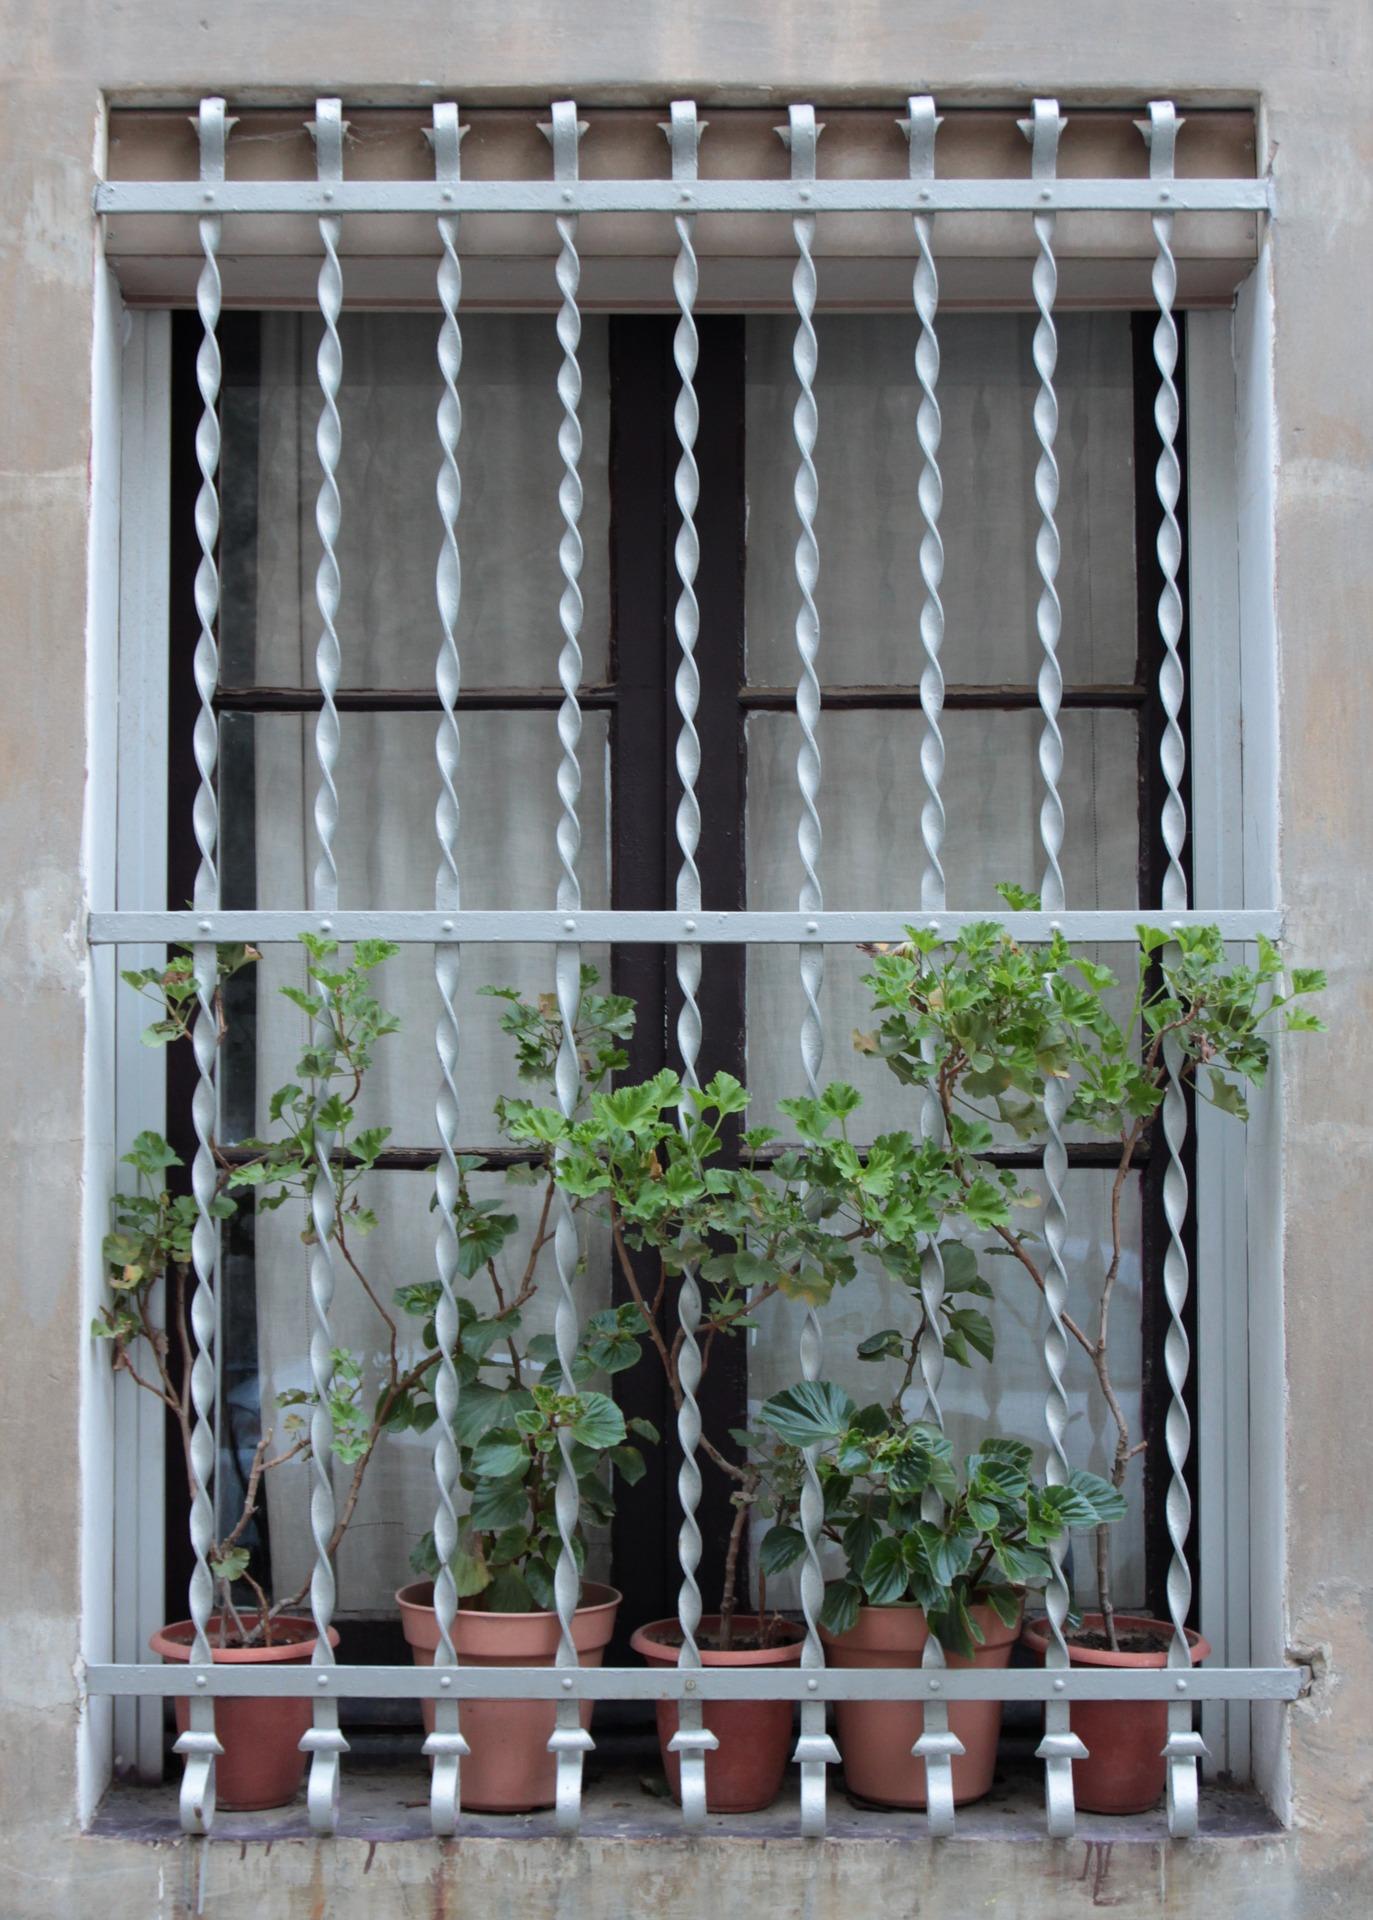 barred-shut-windows-bend-locksmith-services.jpg